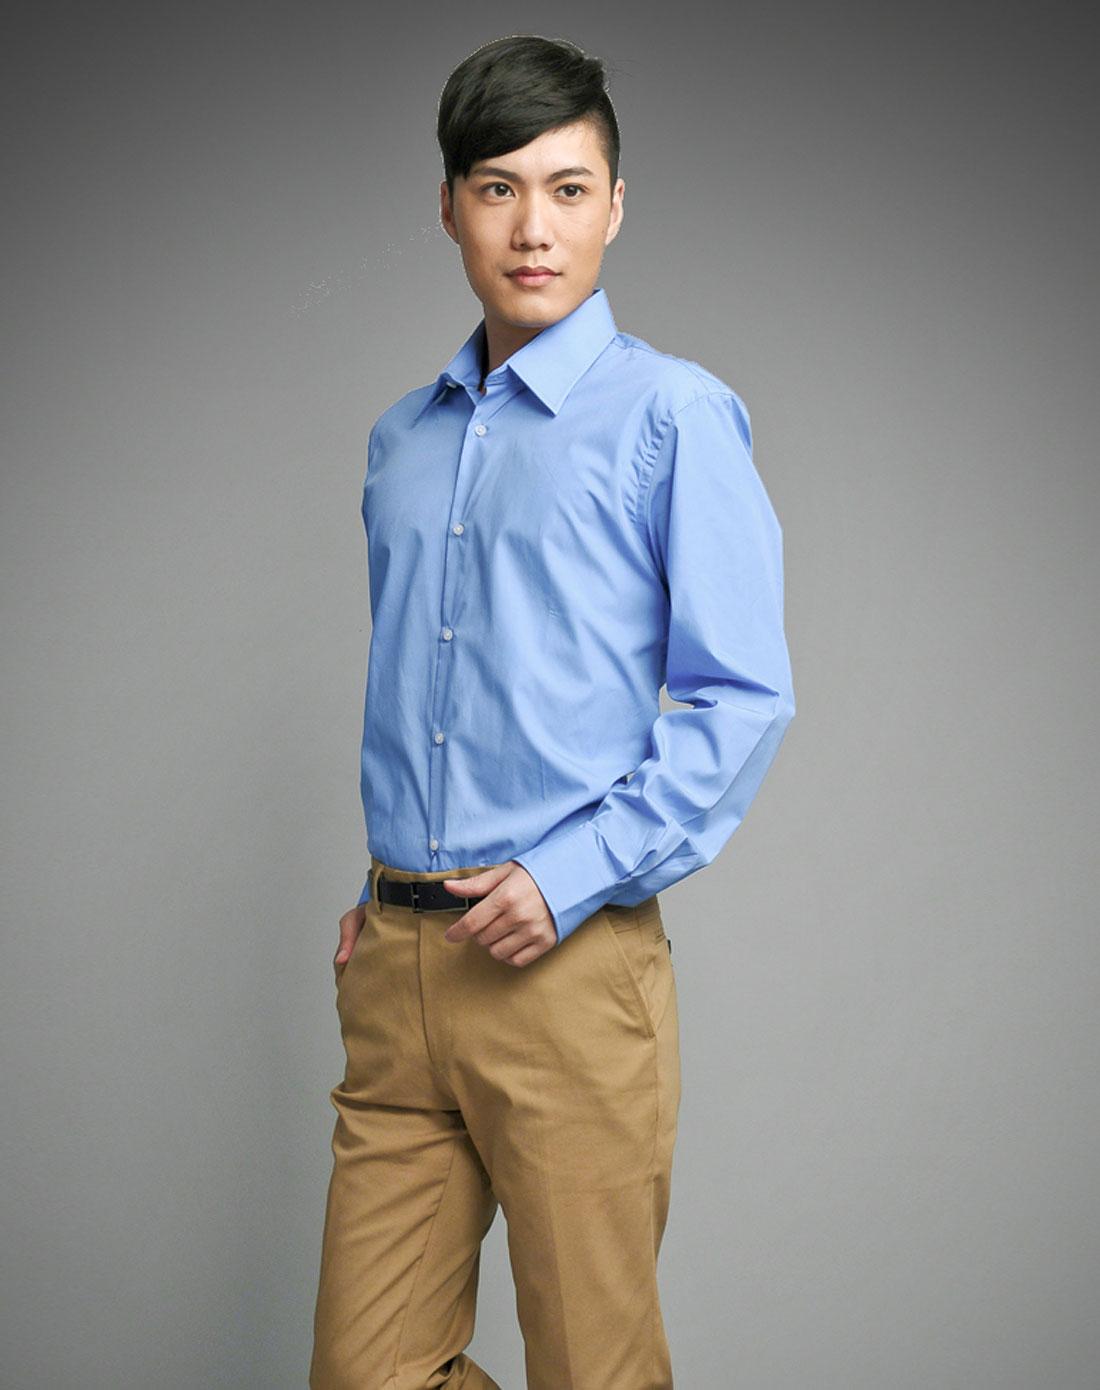 蓝色长袖衬衫